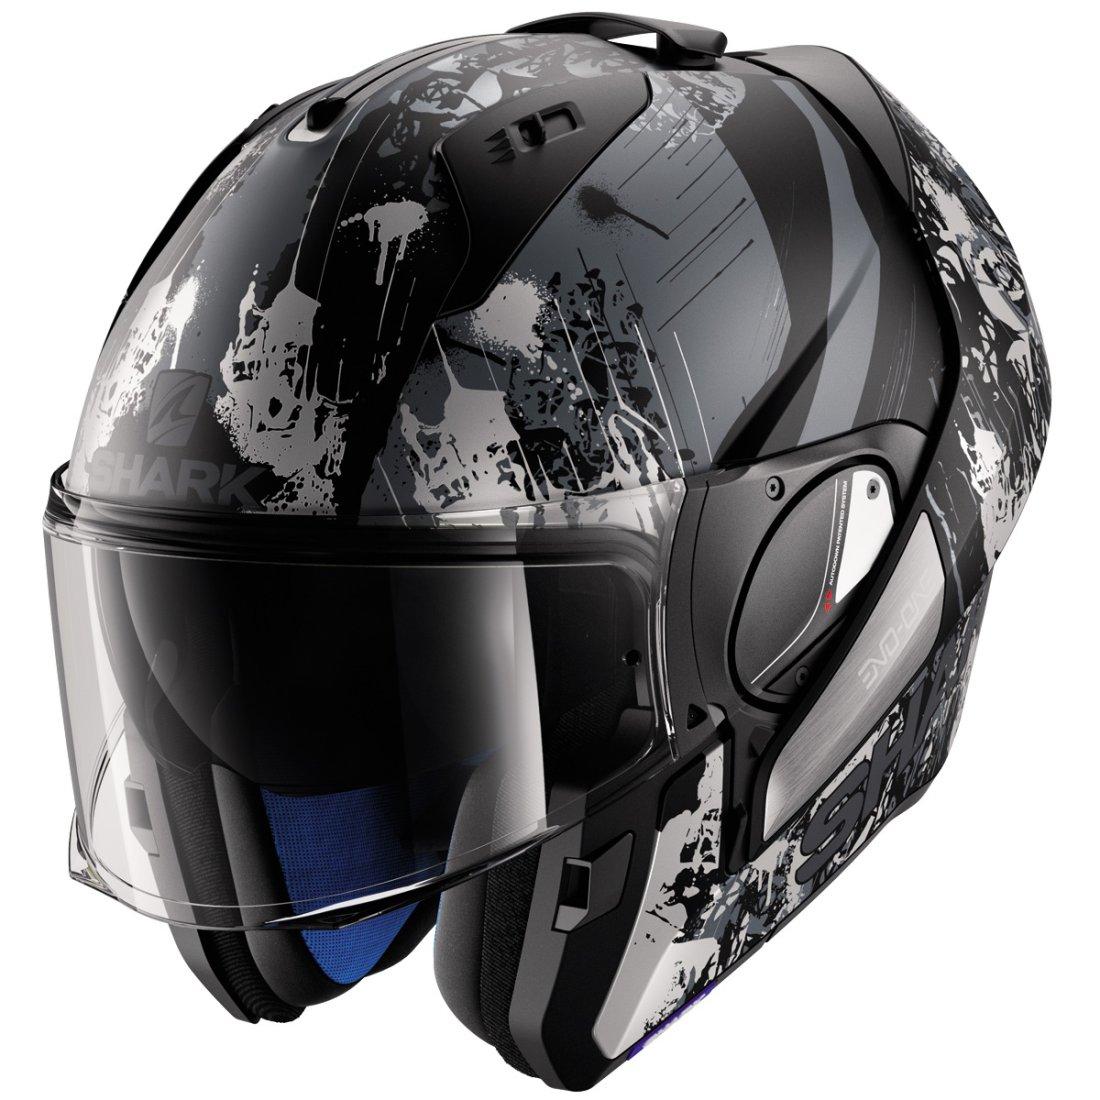 shark evo one falhout mat black silver anthracite helmet motocard. Black Bedroom Furniture Sets. Home Design Ideas